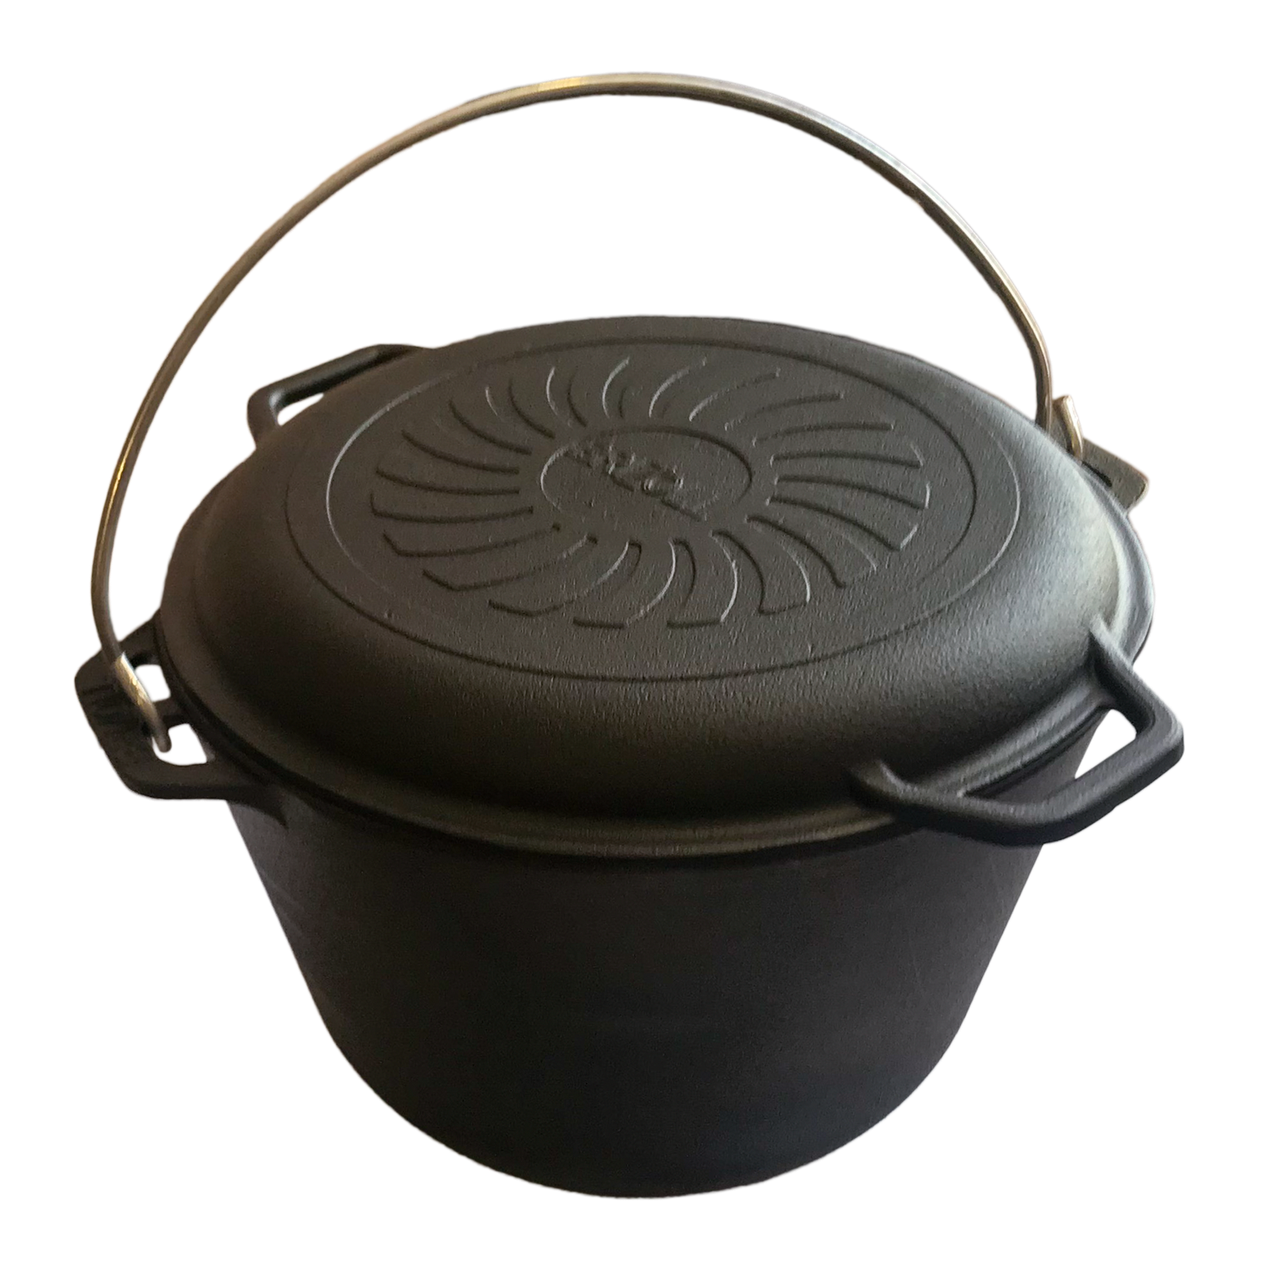 Казан чавунний туристичний Brizoll 8л з кришкою-сковородою Бризол